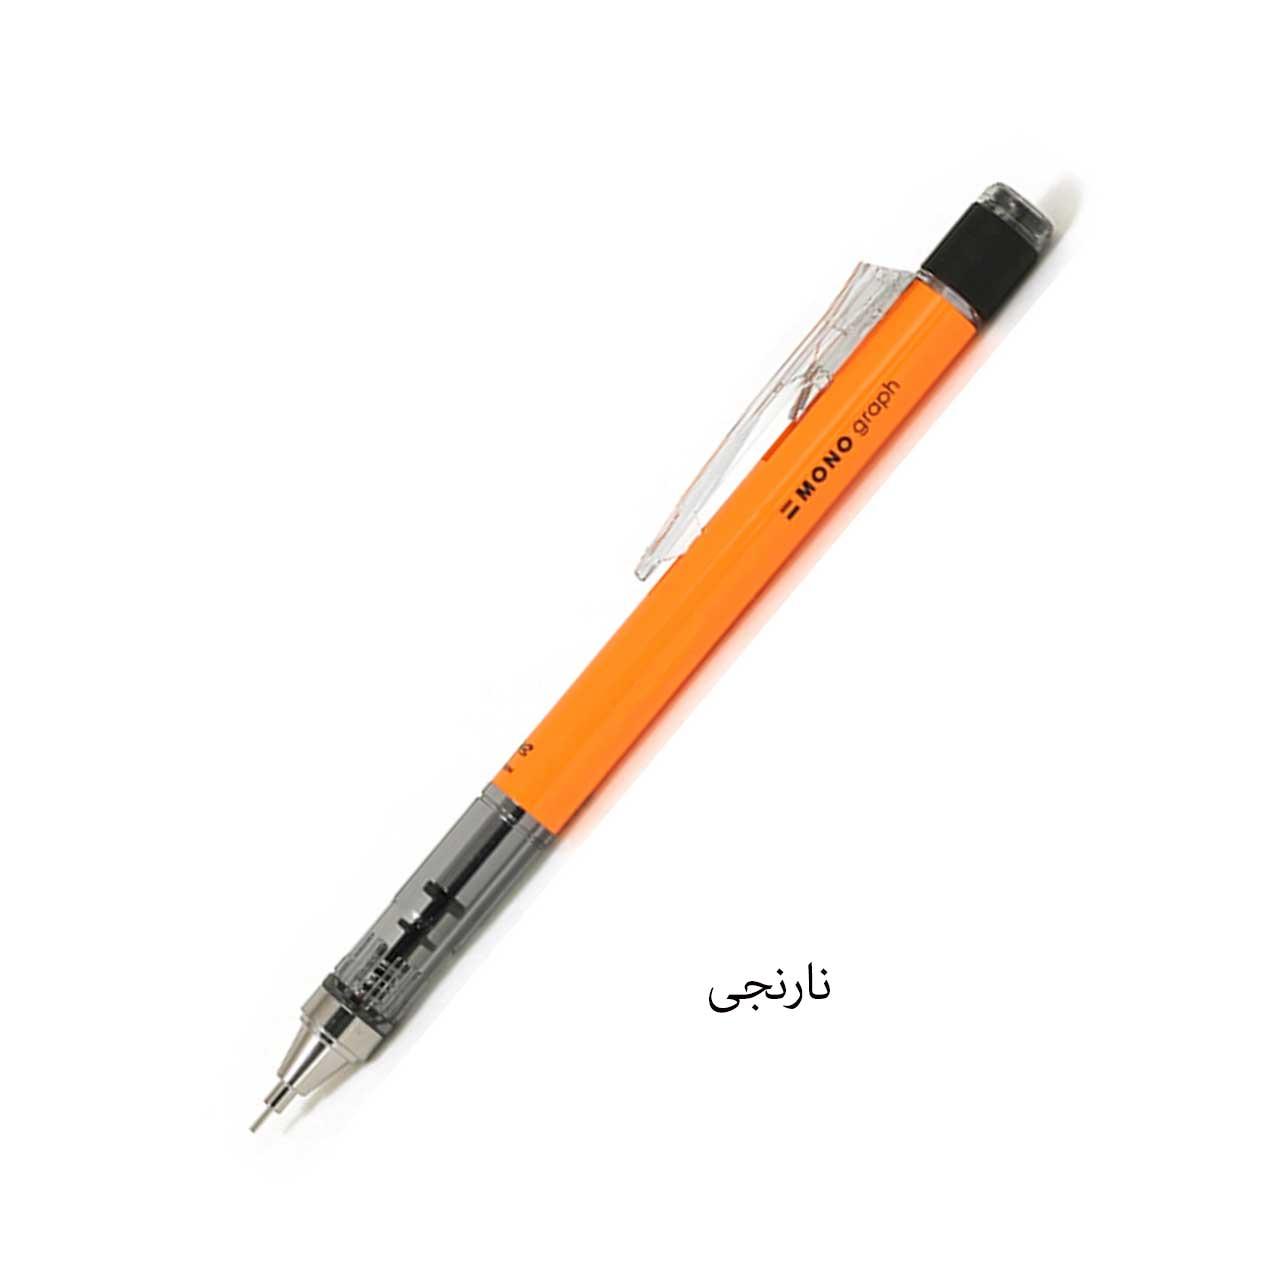 مداد نوکی 0.5 میلی متری تومبو مدل MONO GRAPPH main 1 4